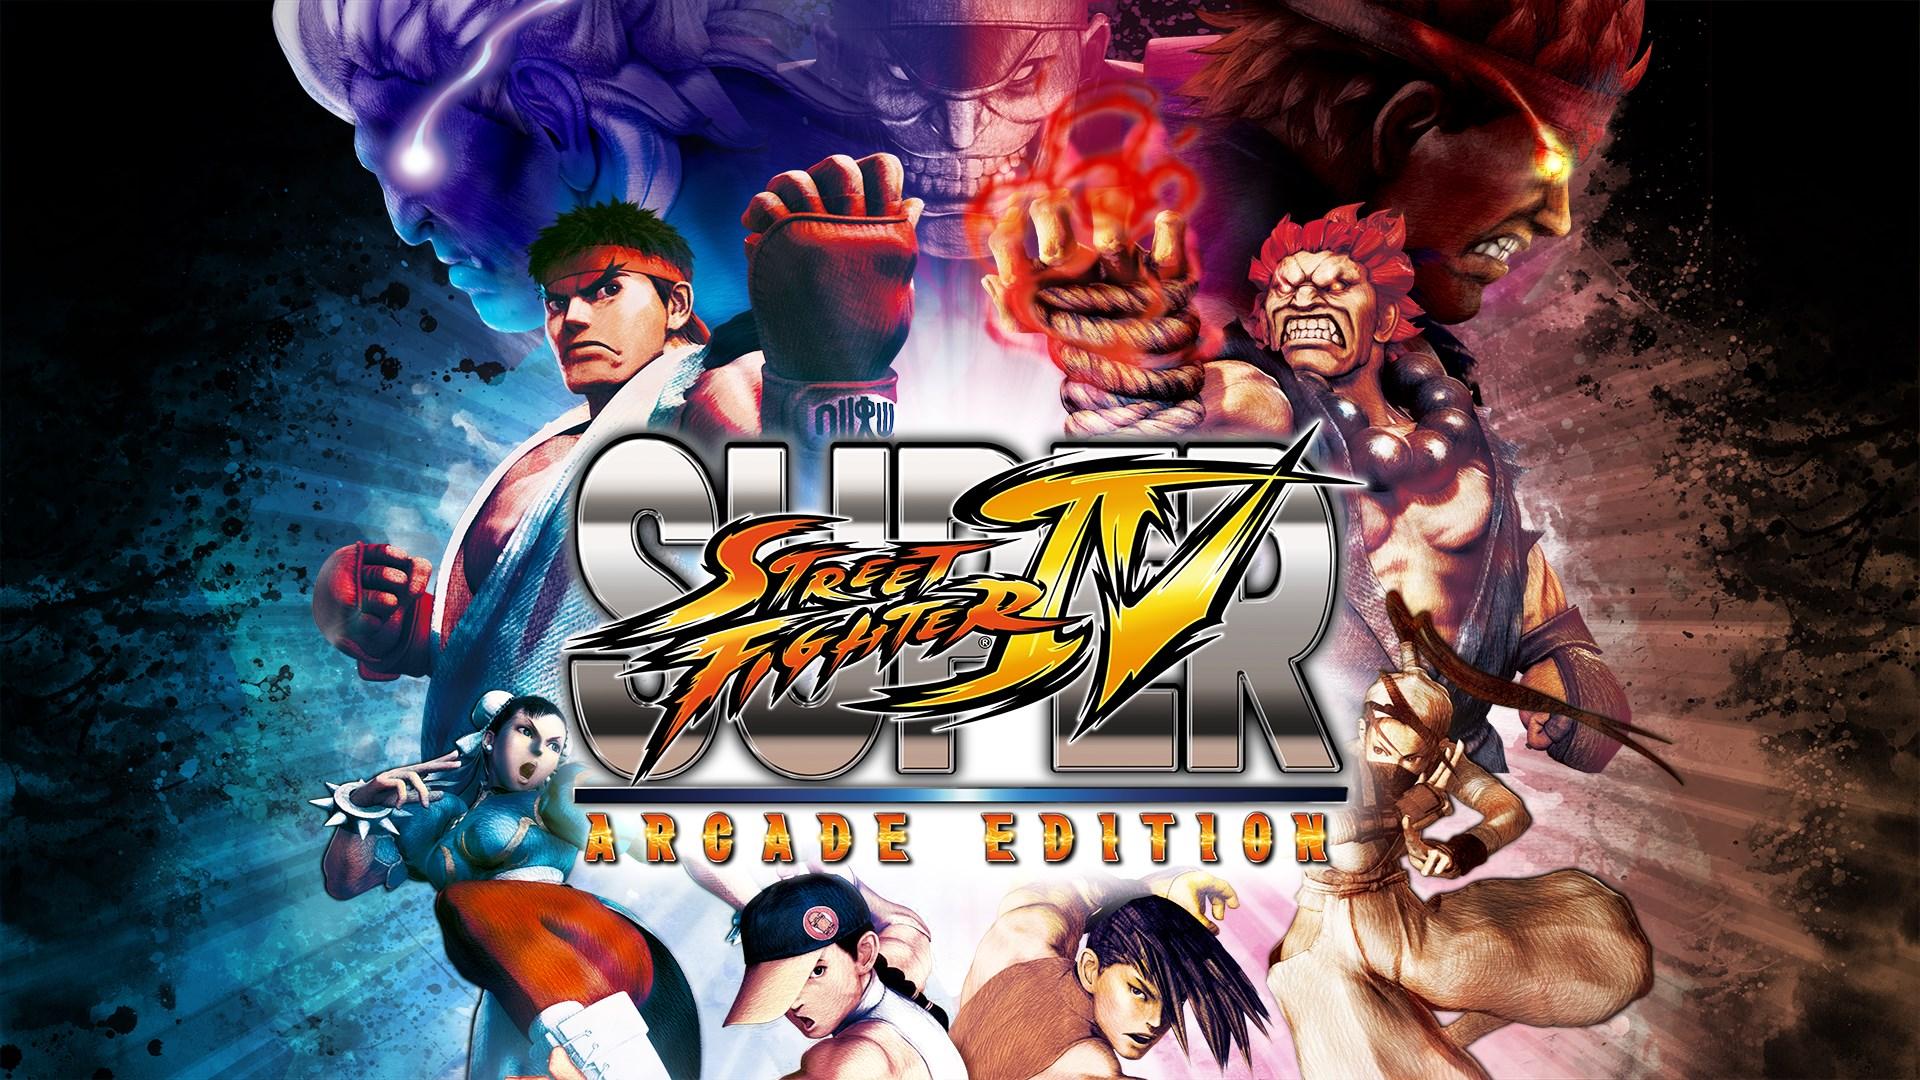 Super Street Fighter IV Arcade Edition Crack Game Download